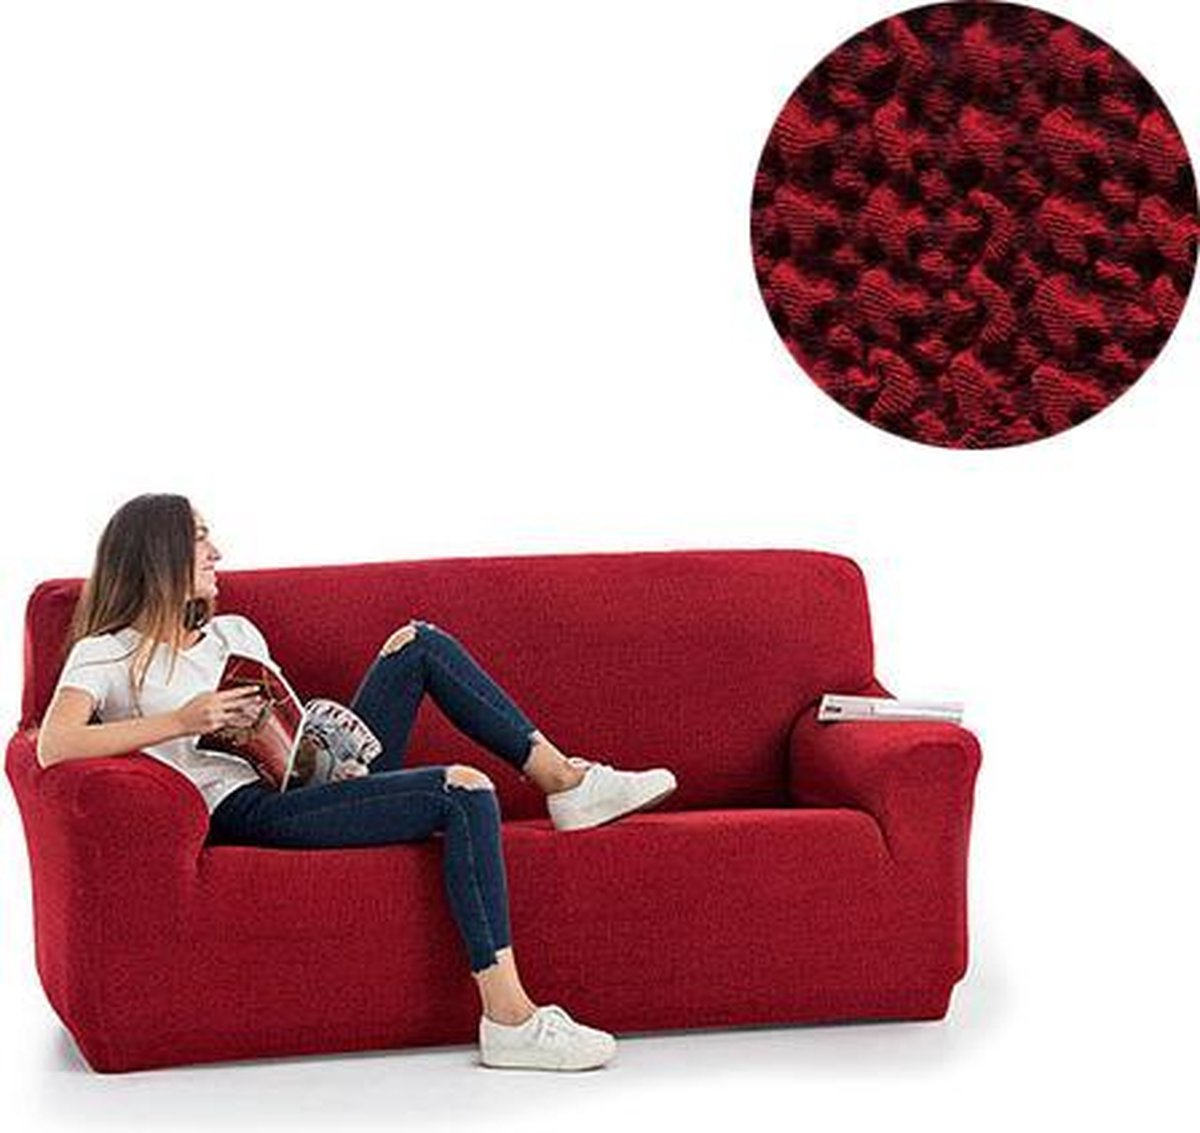 Milos meubelhoezen - Bankhoes 130-180cm - Rood - Verkrijgbaar in verschillende kleuren!